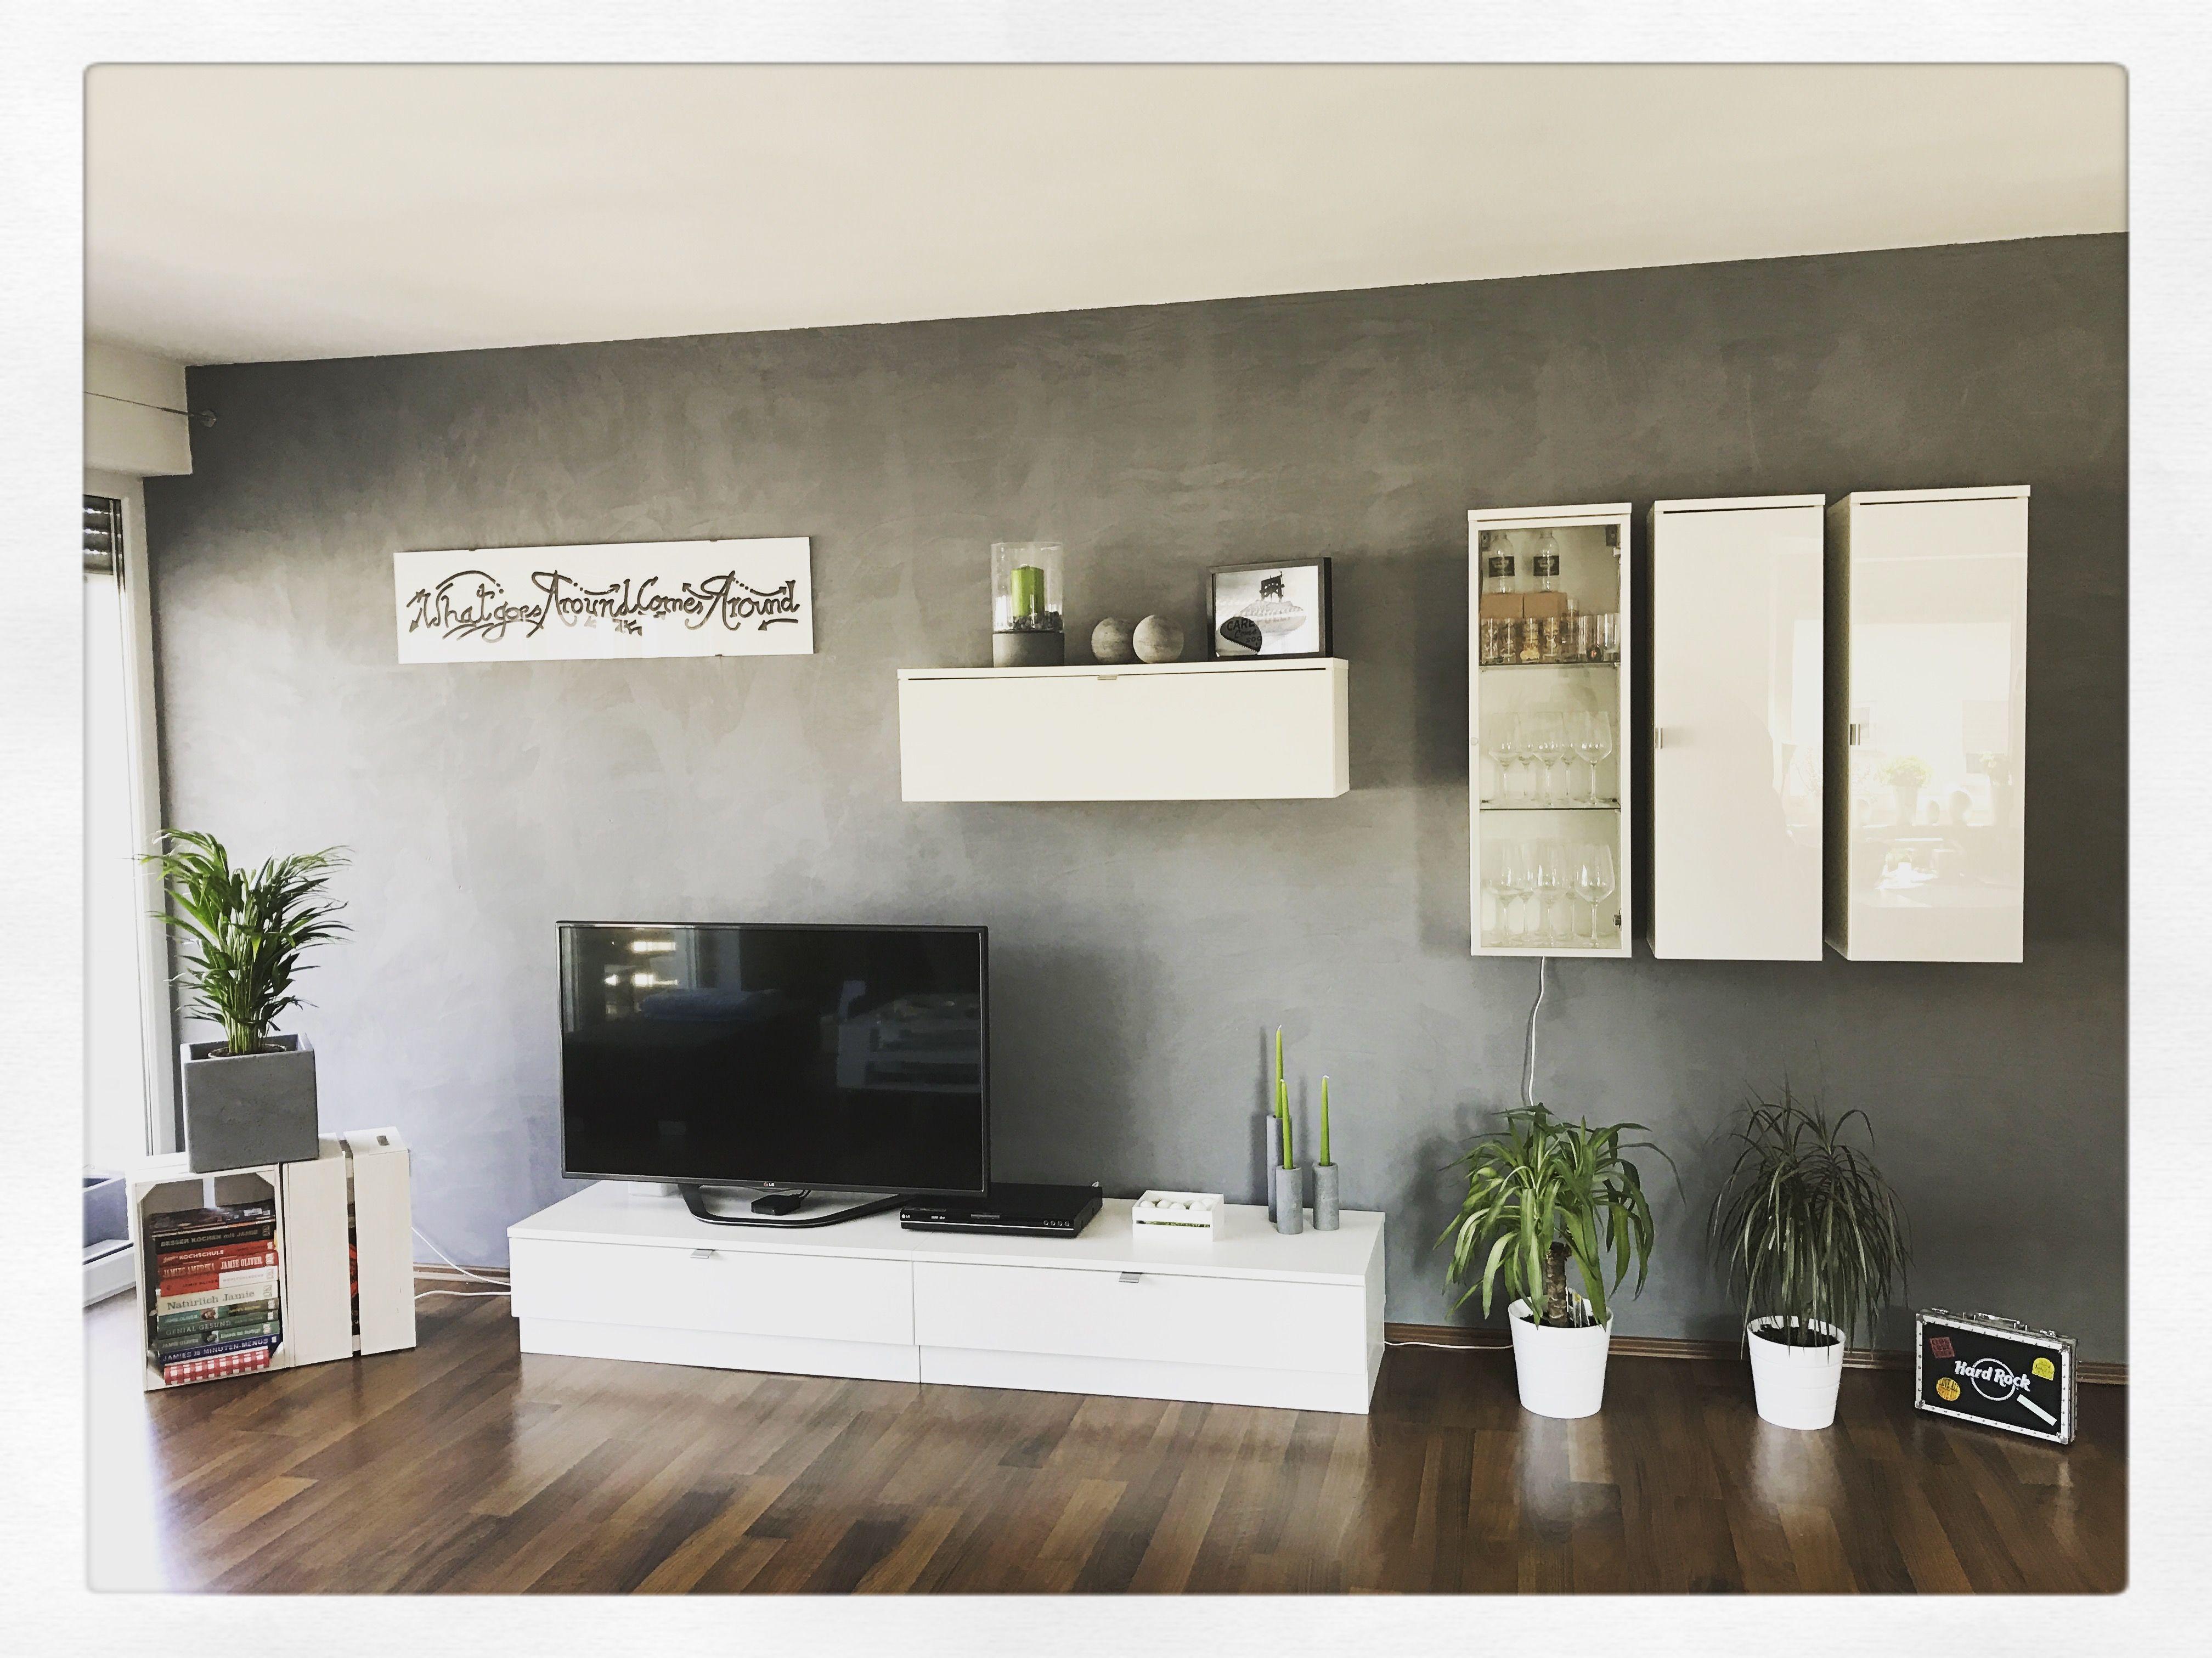 Jamies Sommerküche : Wohnzimmer home sweet home wohnzimmer